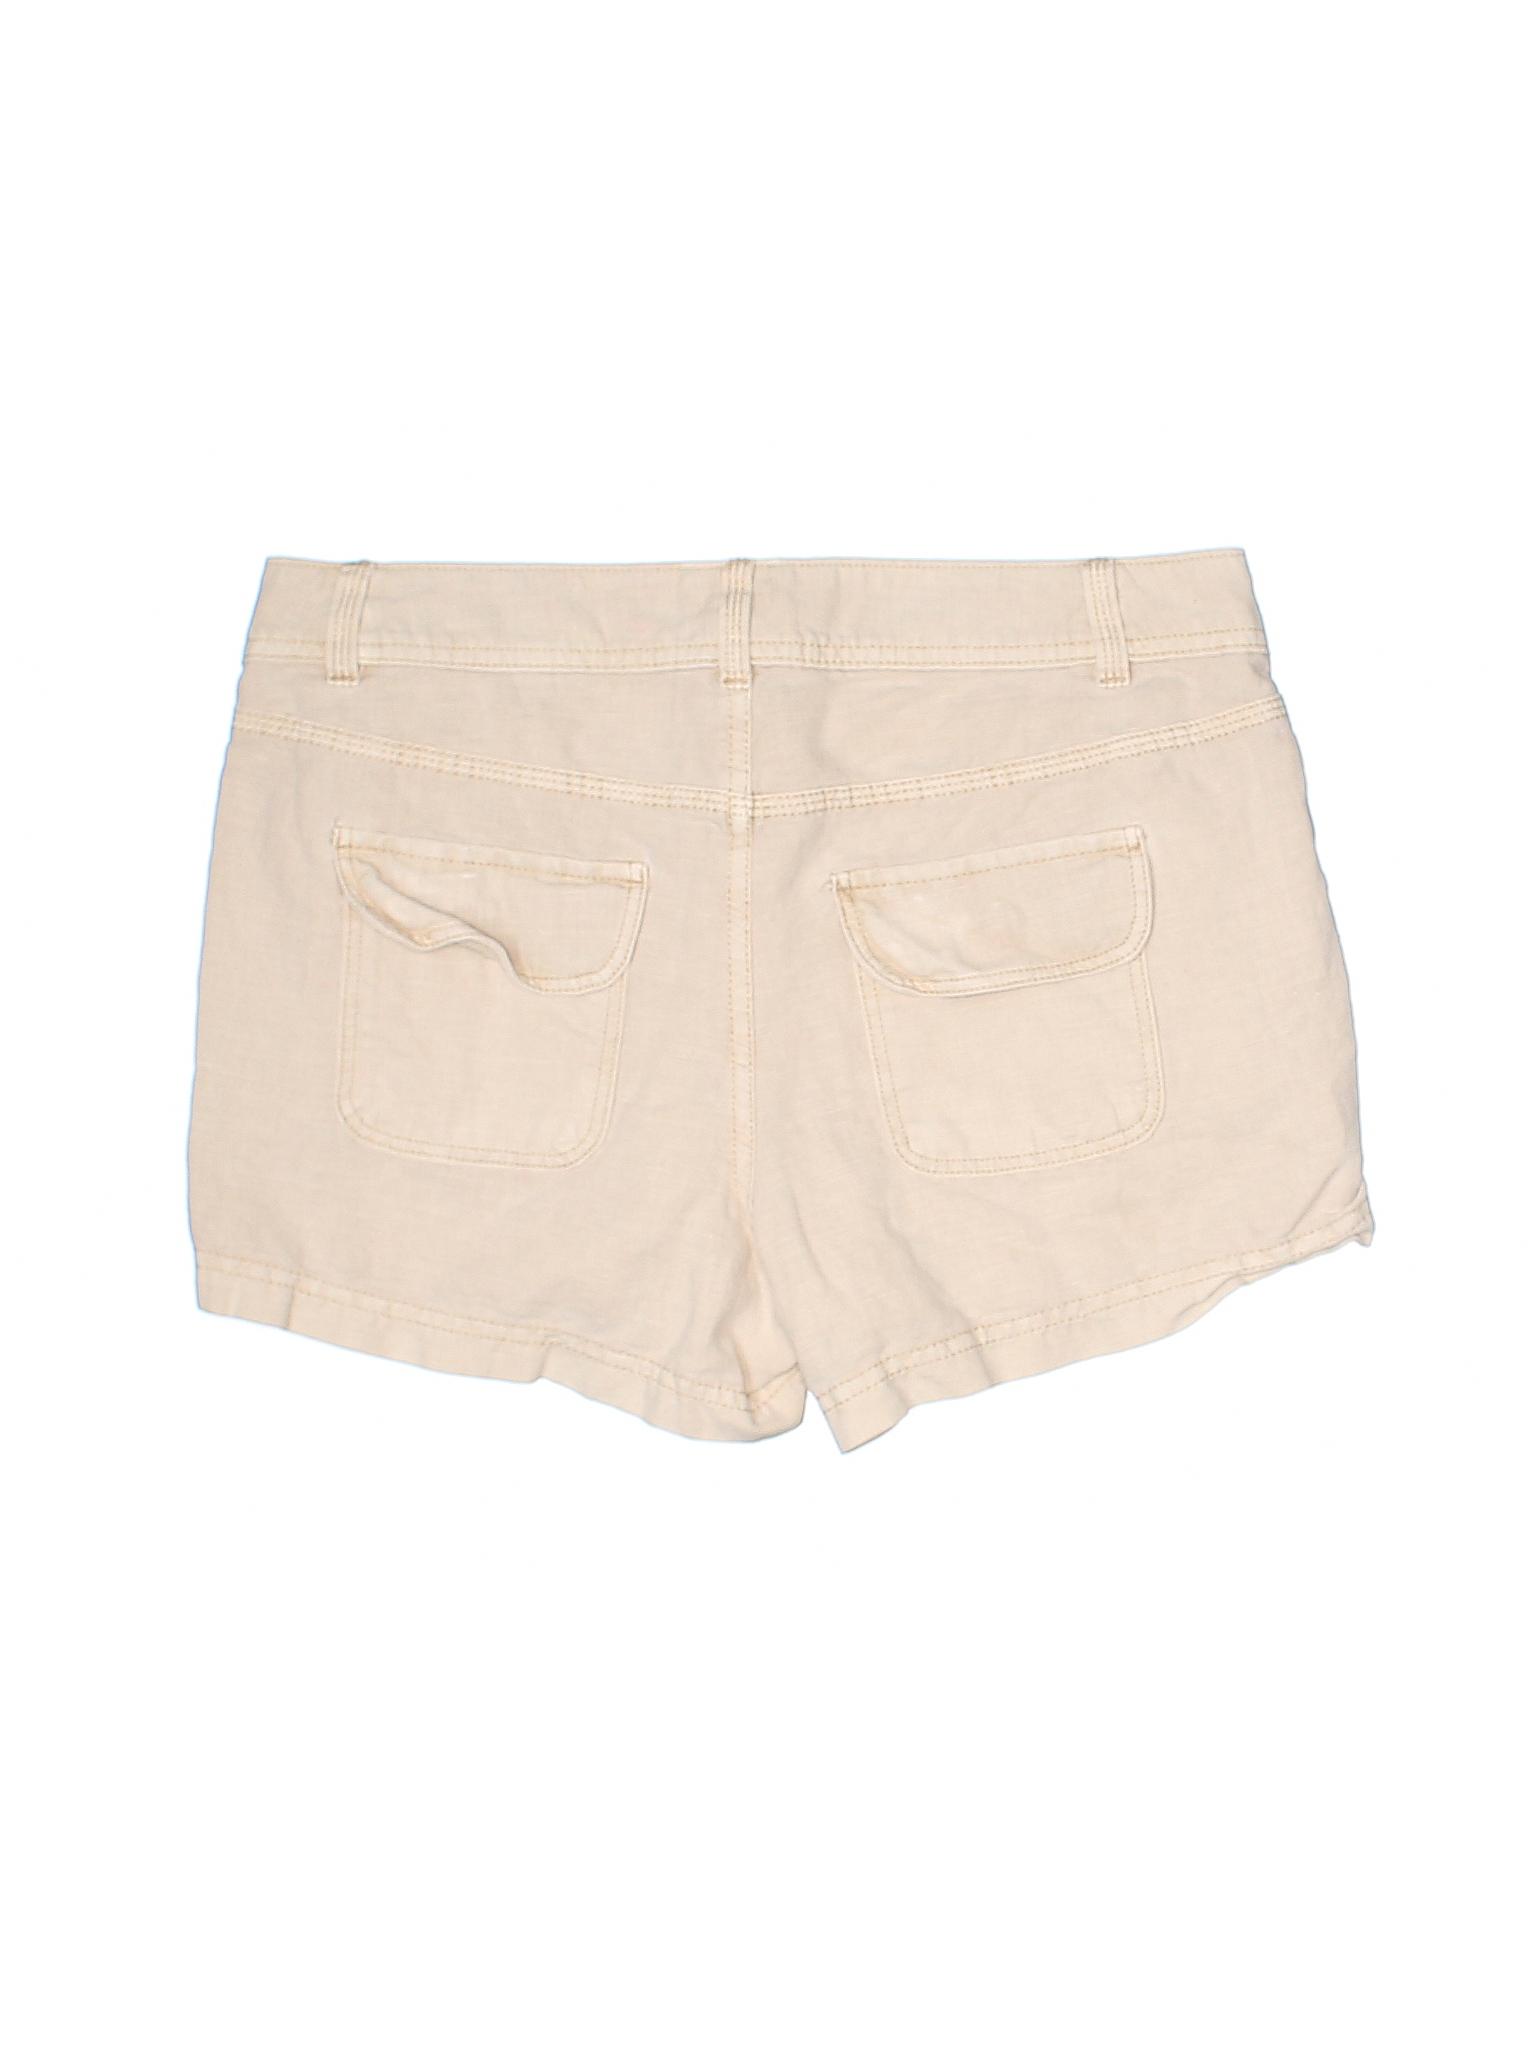 Crew Boutique J Boutique Shorts J Crew J Boutique Crew Shorts Shorts J Boutique CPwnq1X